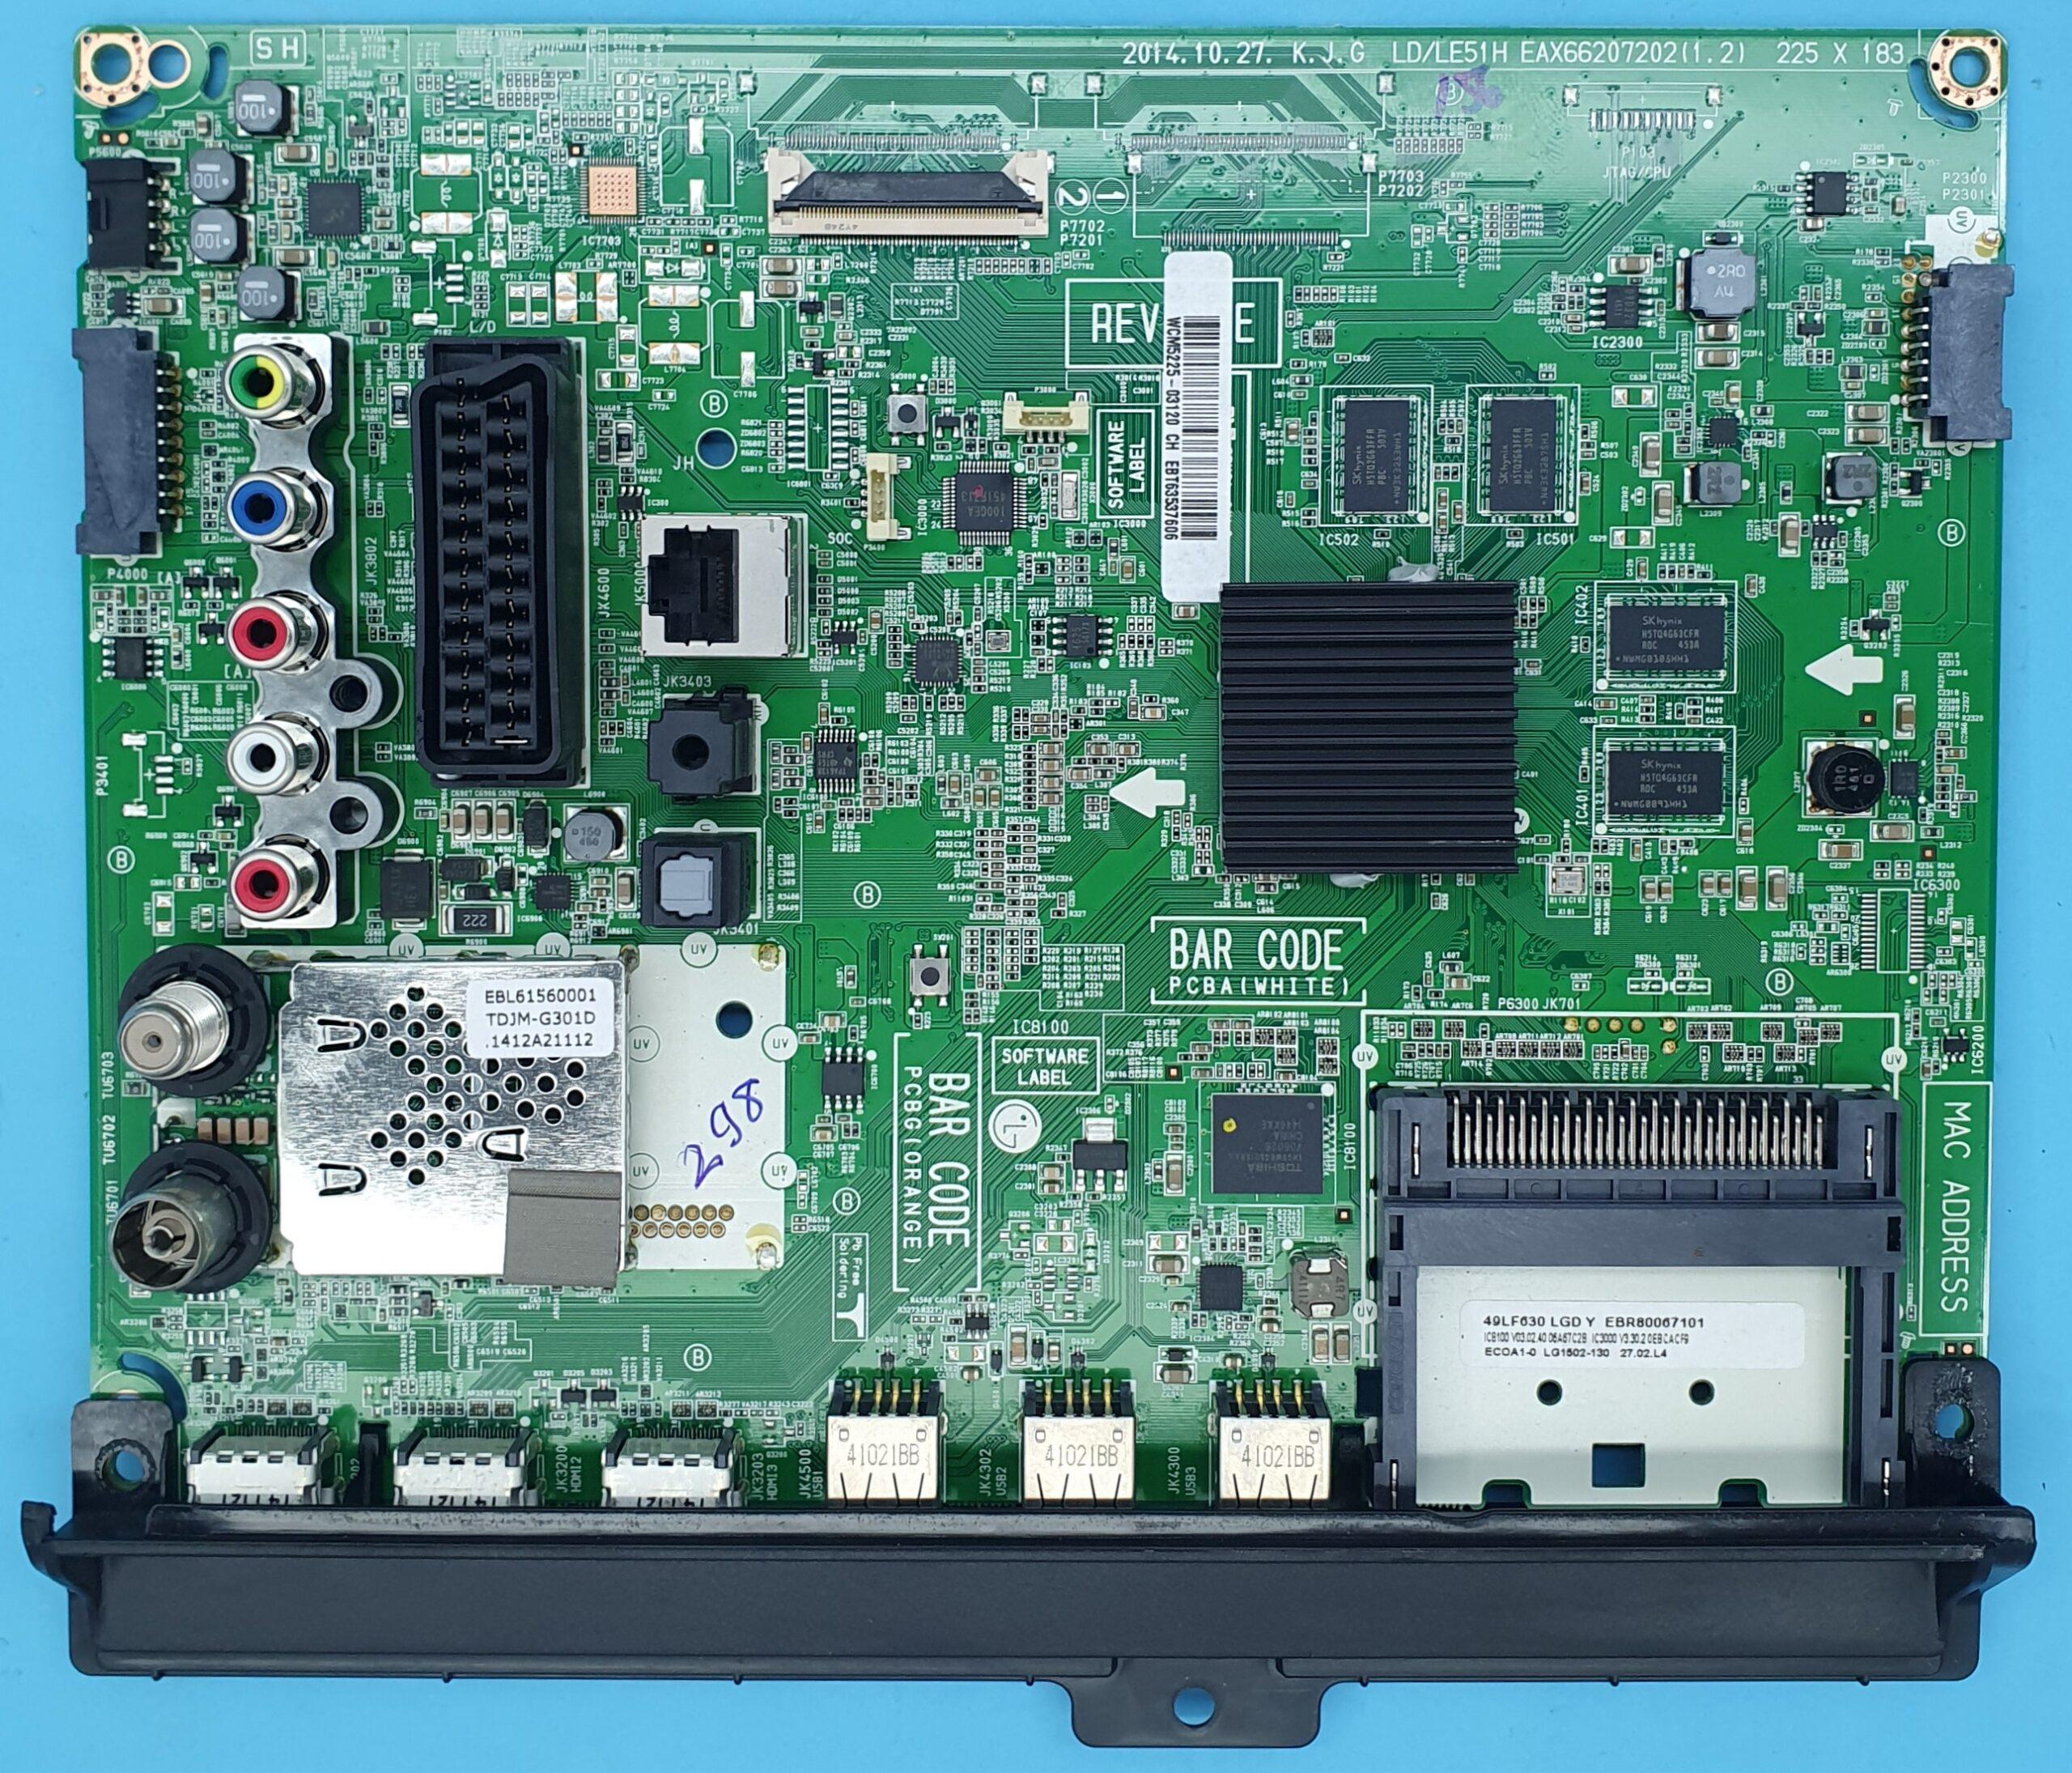 EAX66207202(1.2) LG Anakart (KDV DAHİL = 350 TL)